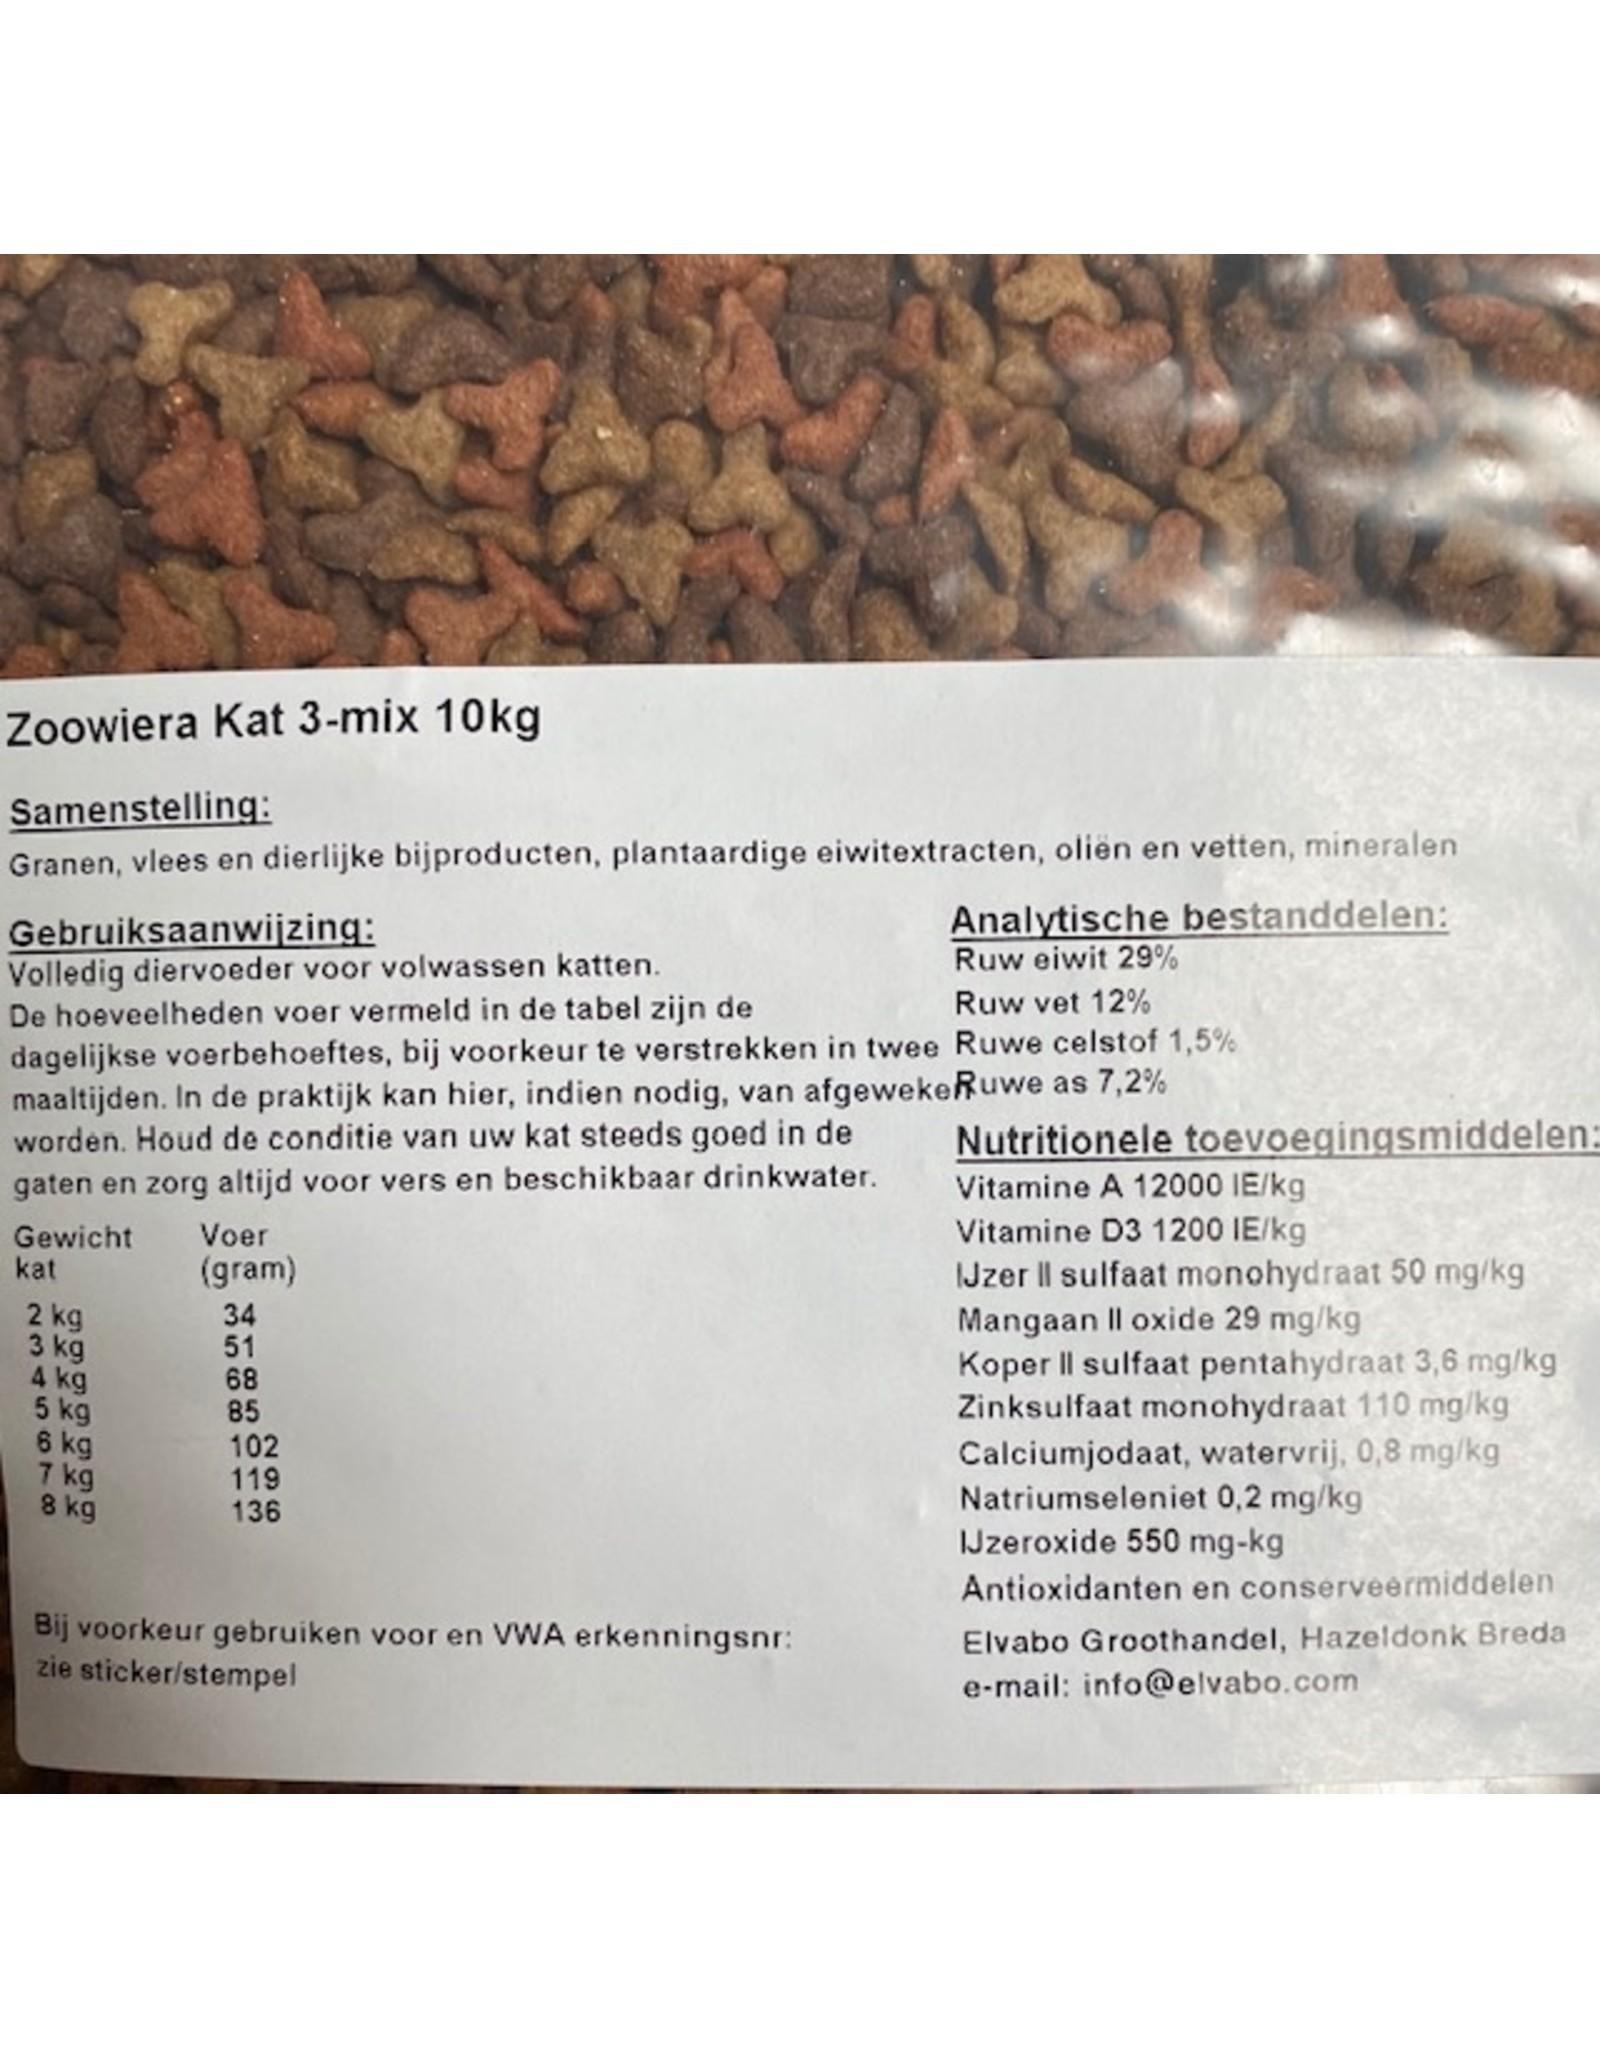 Zoowiera kat Zoowiera premium 3 mix  3kg